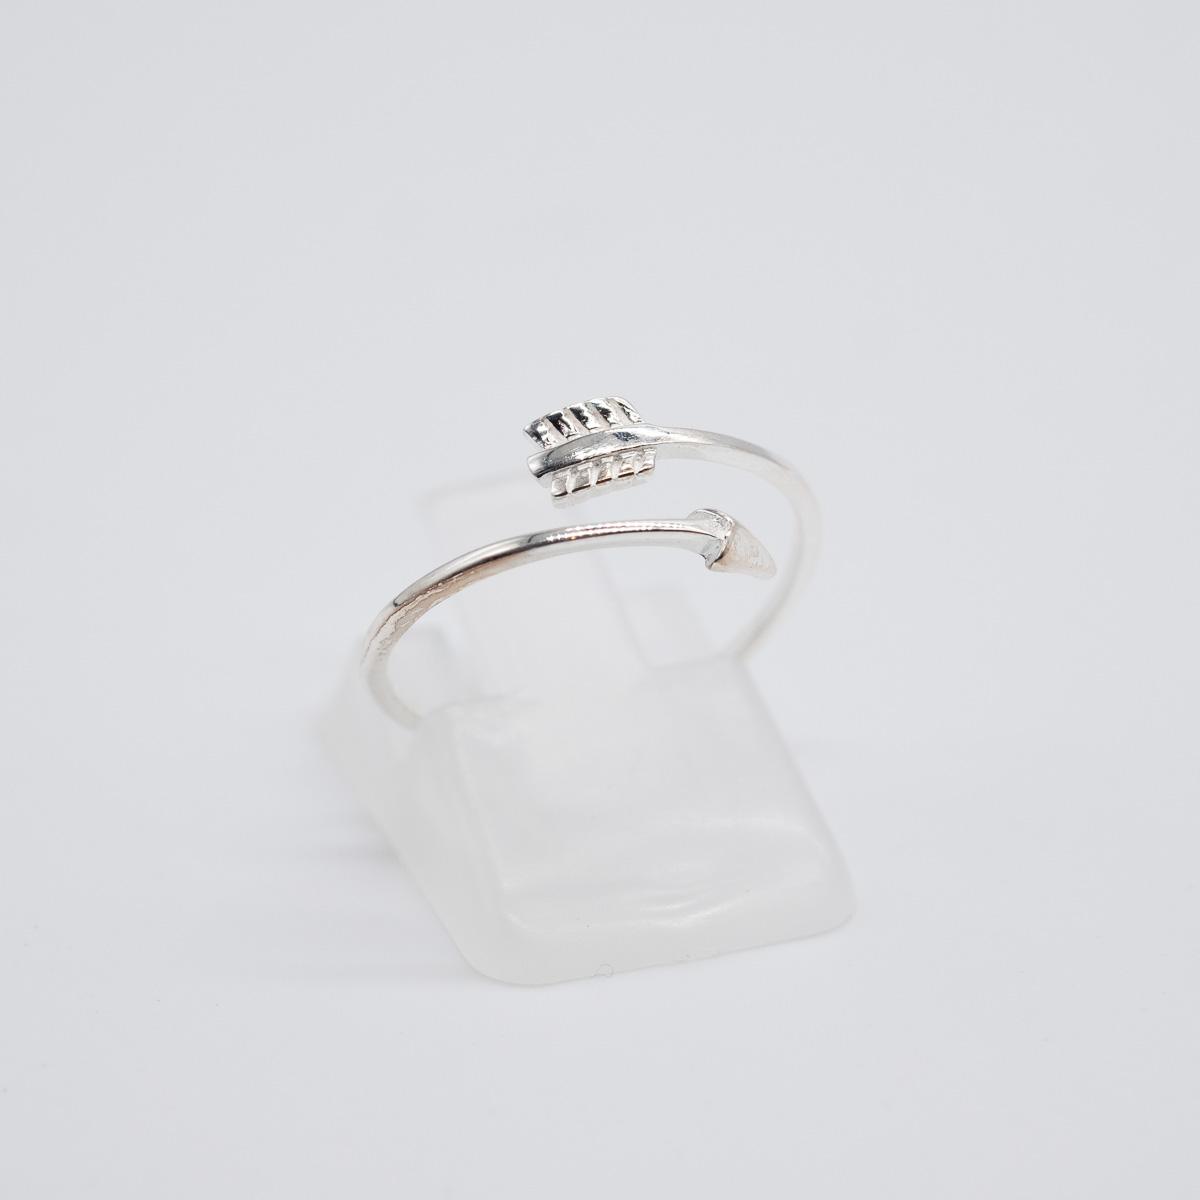 RNG-006 boho bohemian ring pijl zilver